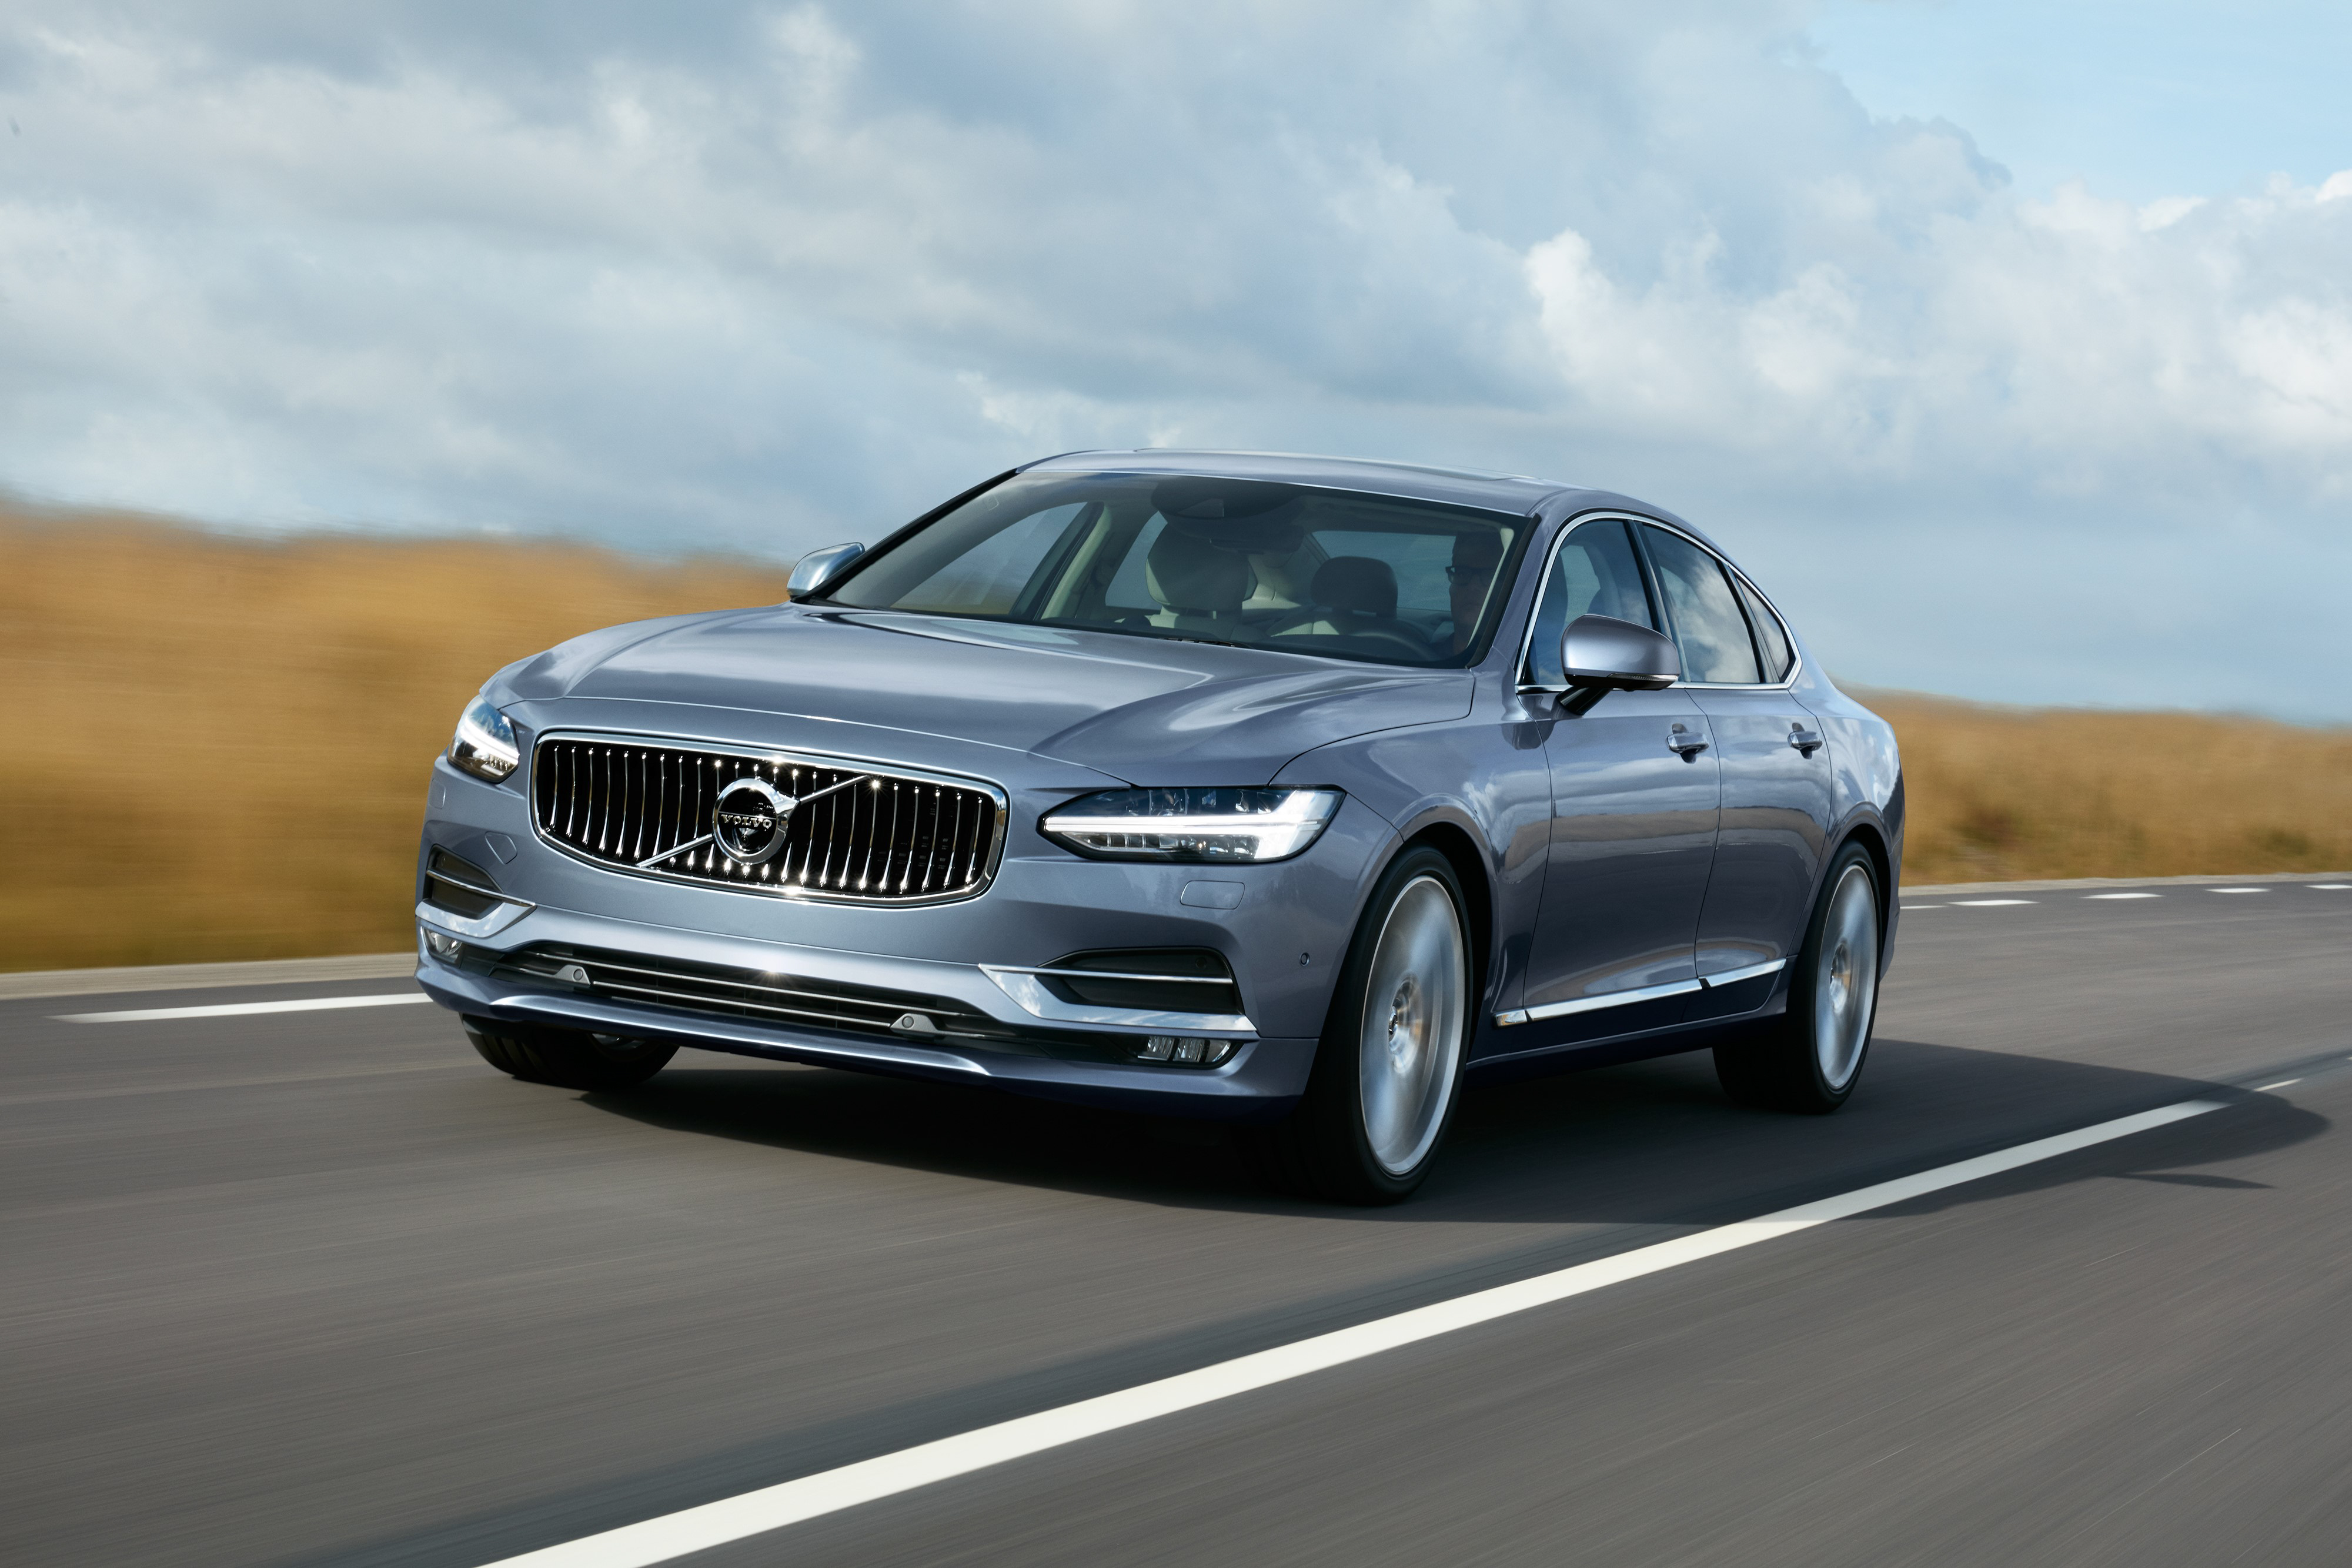 New Volvo S90 marks a giant step forward in prestige sedan segment